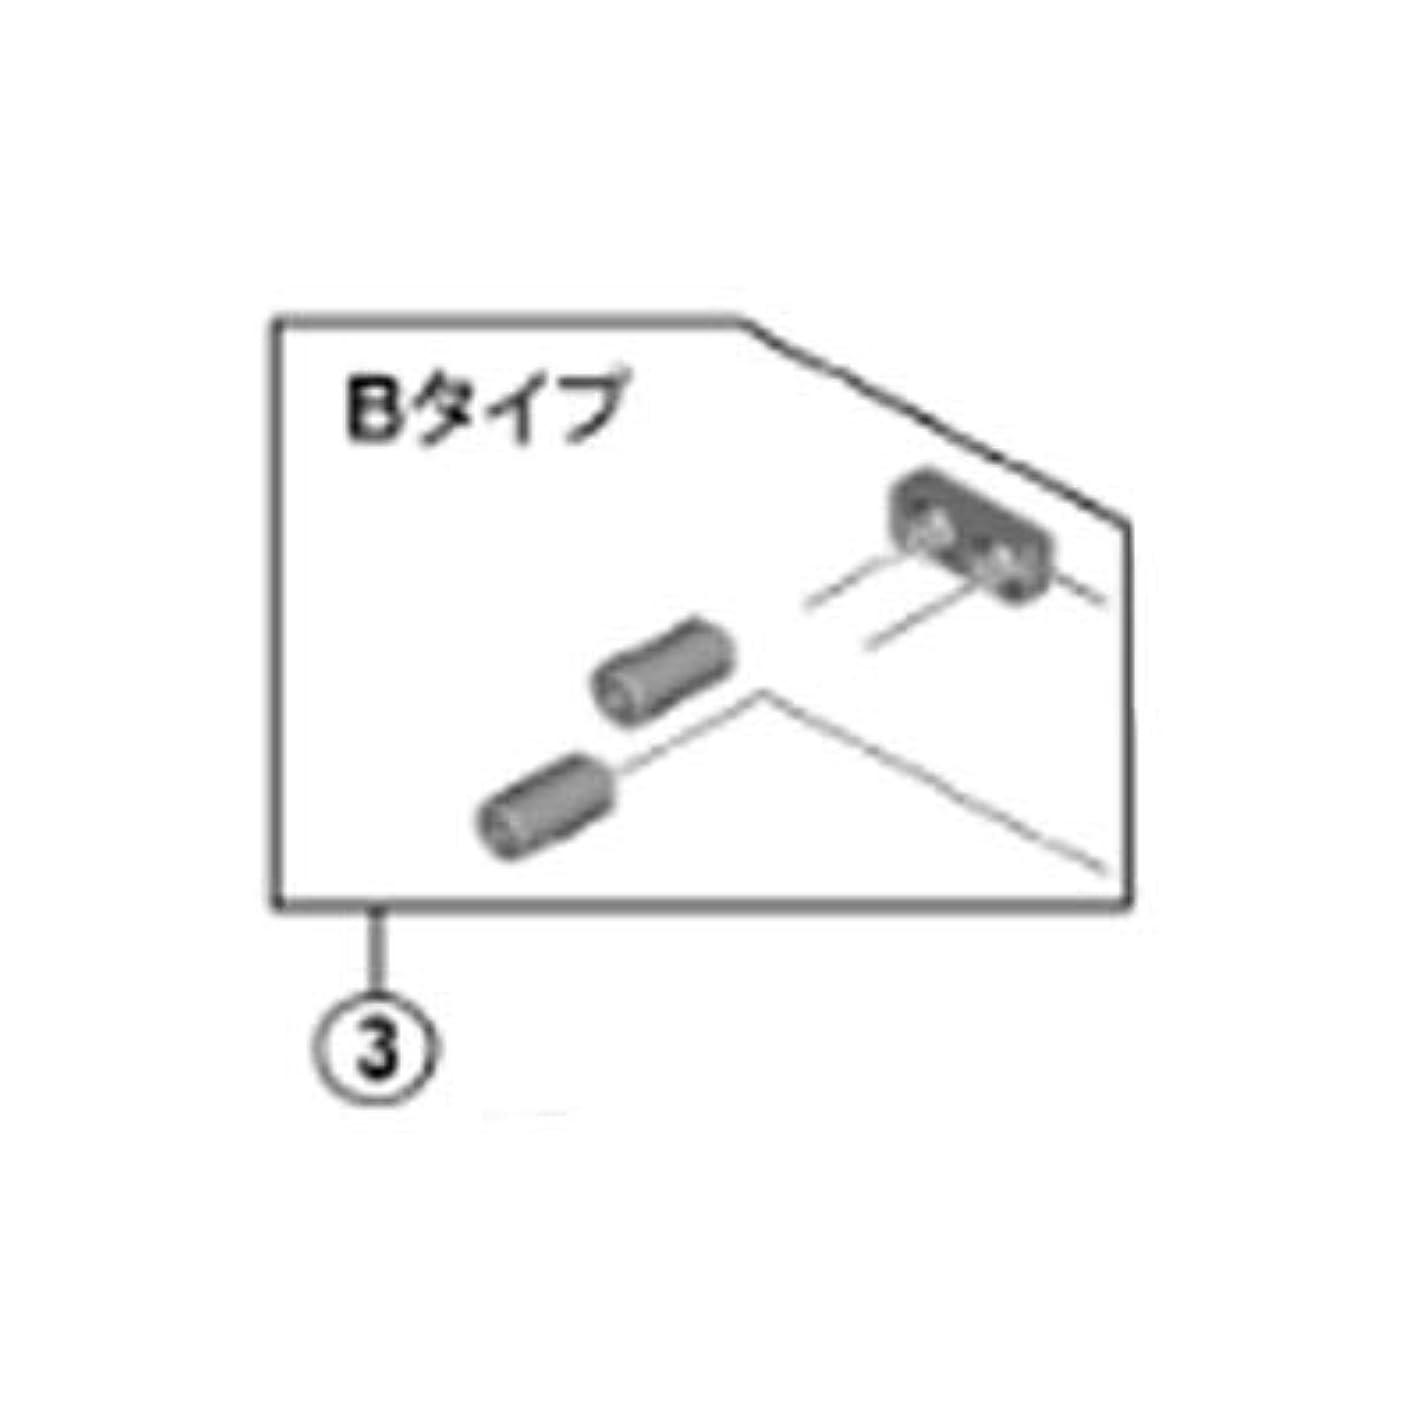 レシピファウル説明するシマノ(SHIMANO) Y2C098040 FD-5801 アジャストボルト&プレート Bタイプ Y2C098040